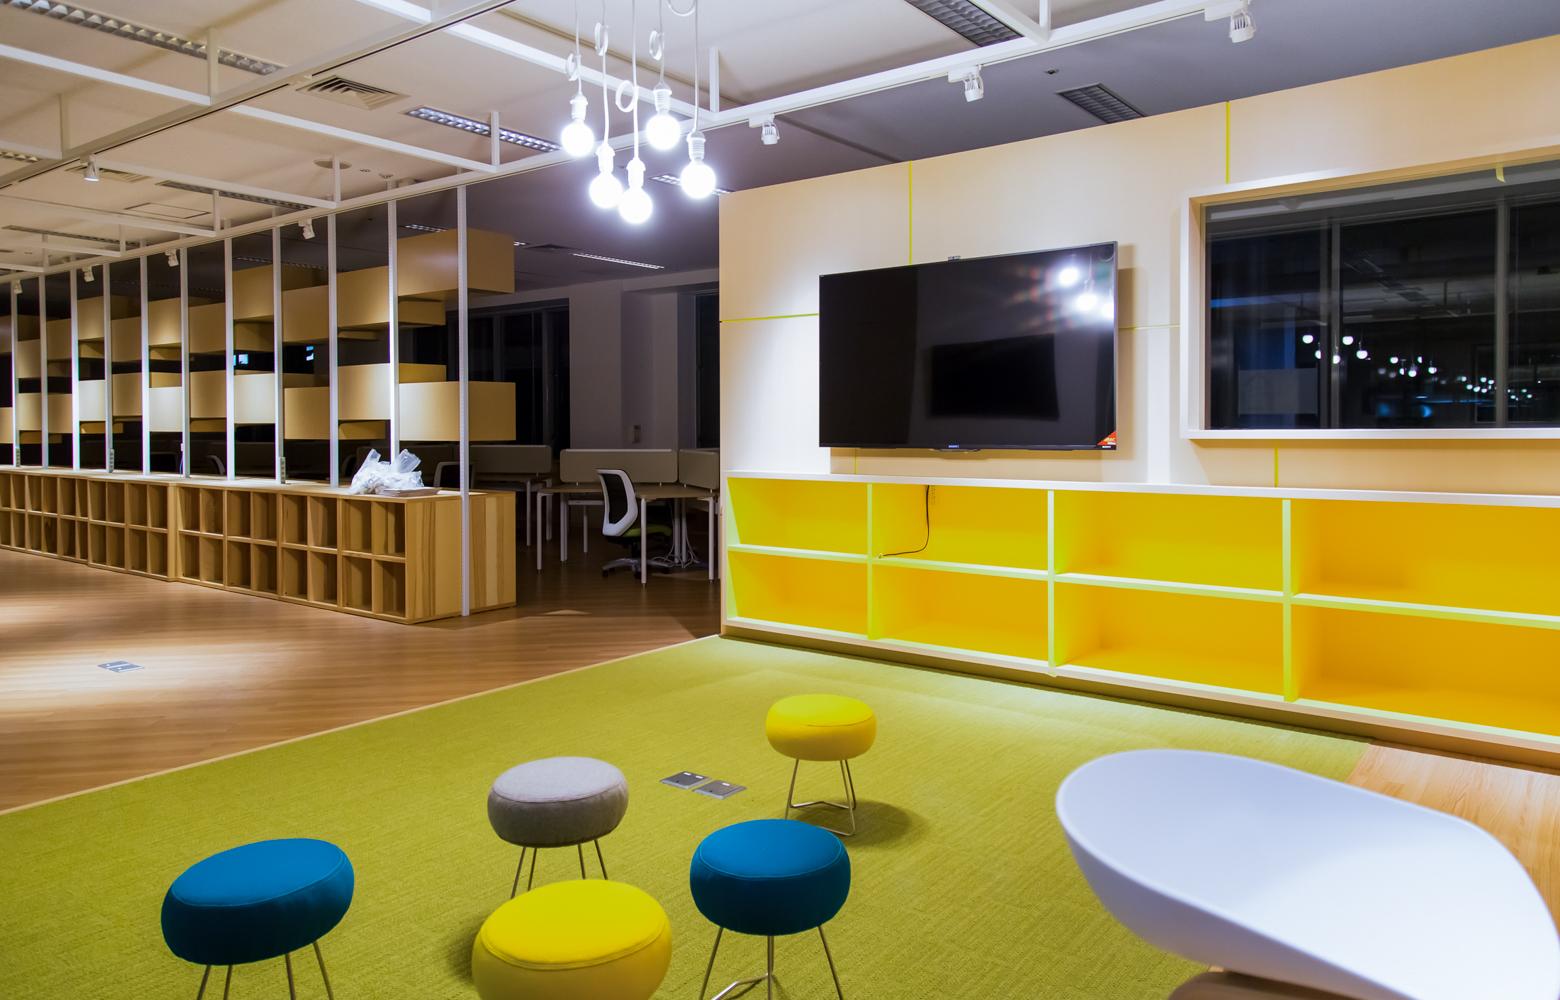 慶應義塾大学大学院メディアデザイン研究科 Laboratory_3 デザイン・レイアウト事例